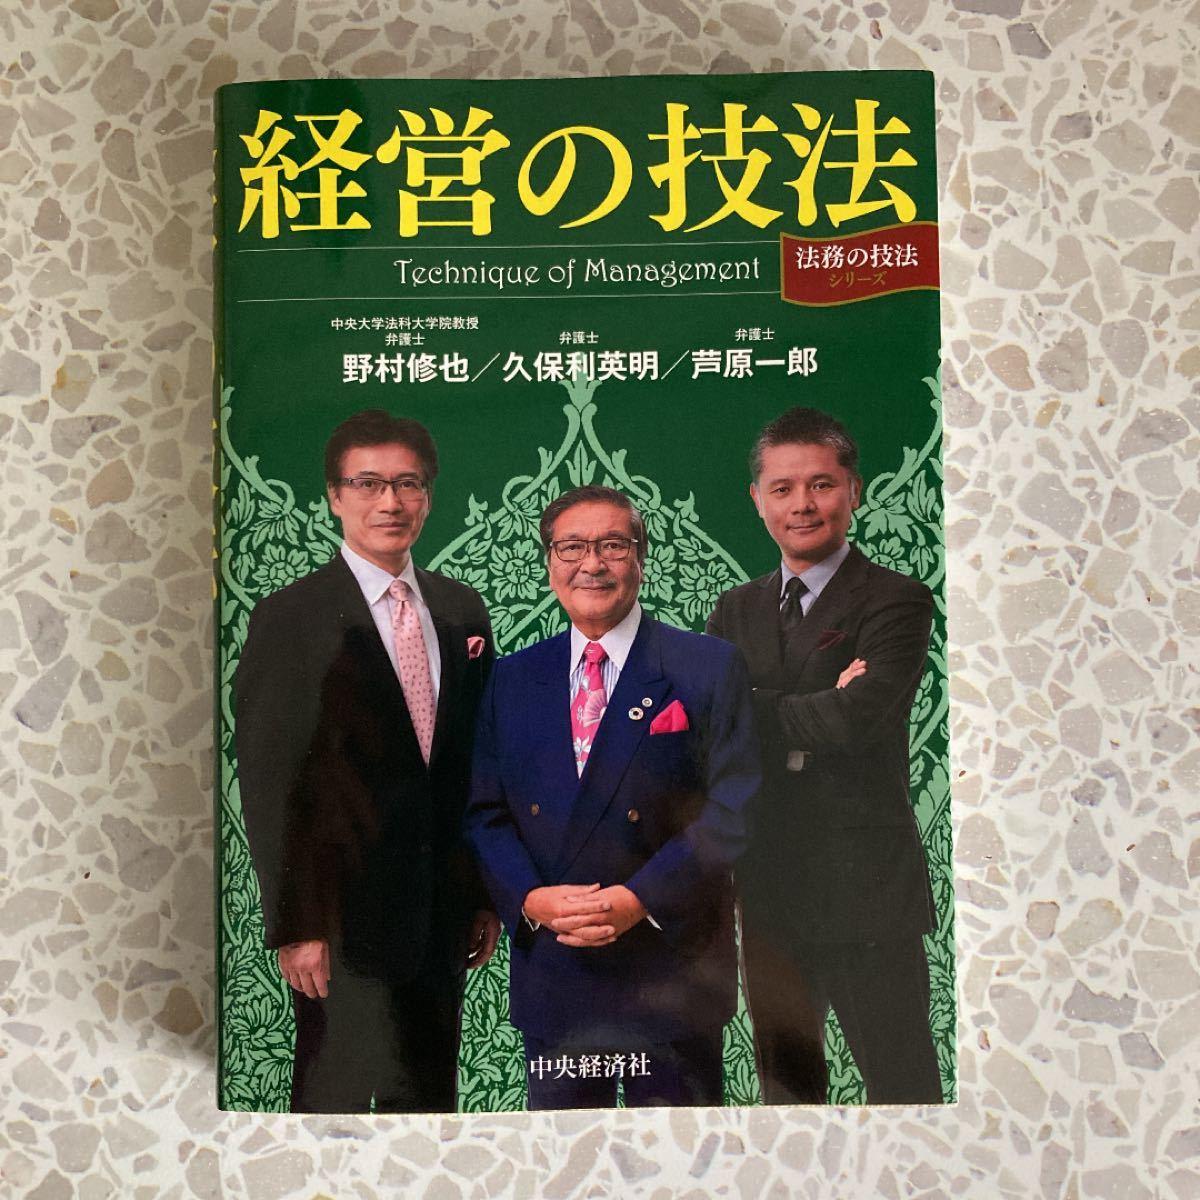 経営の技法/野村修也/久保利英明/芦原一郎